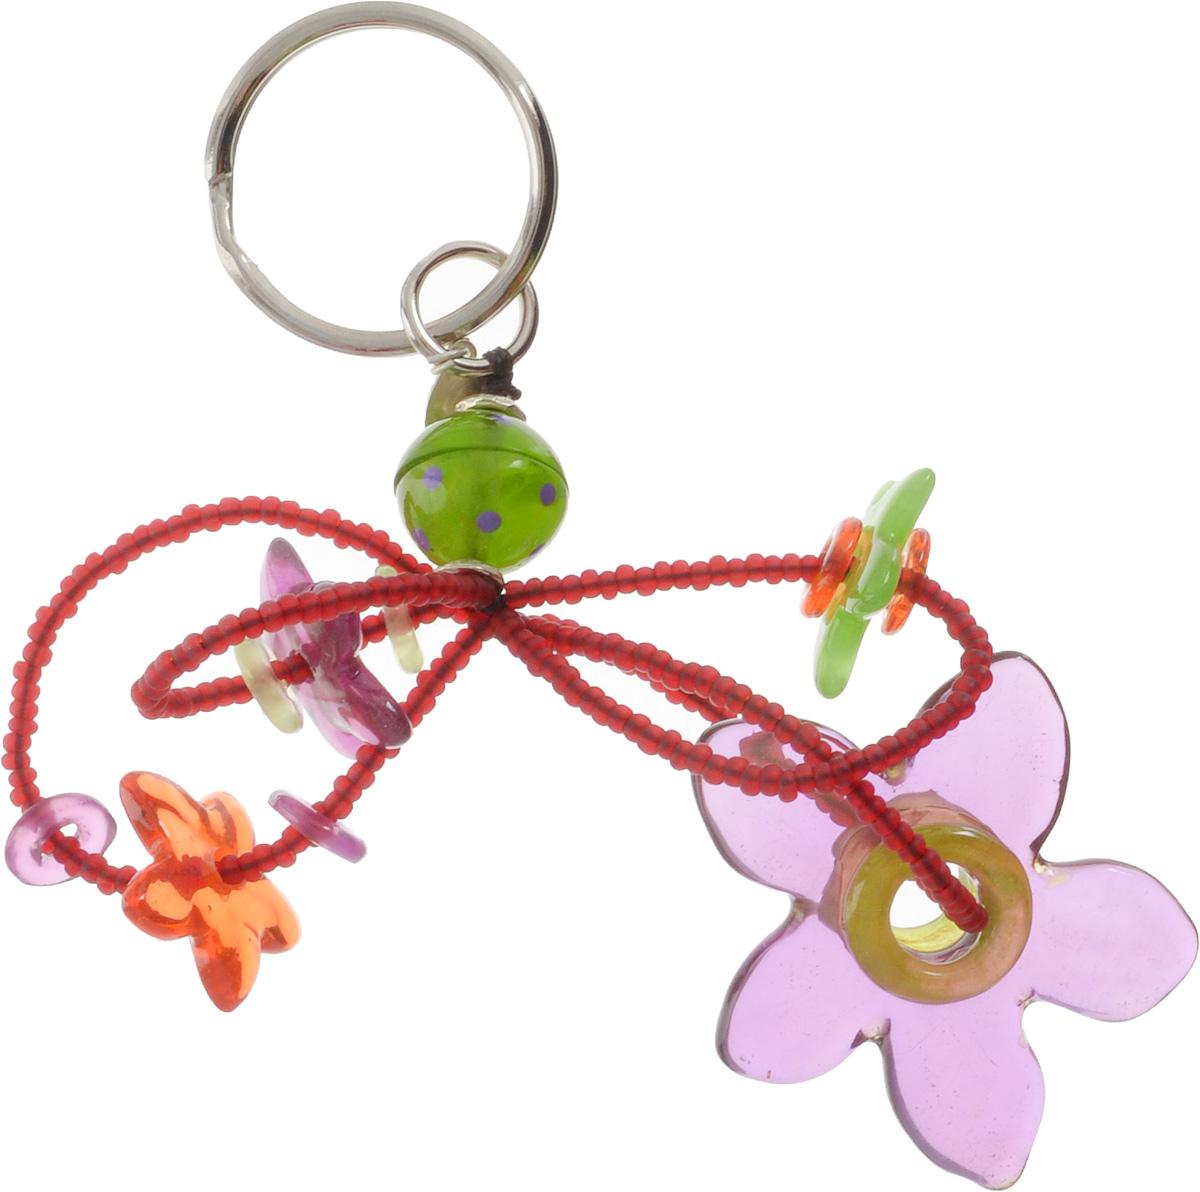 Брелок Lalo Treasures изготовлен из ювелирной смолы ярких цветов. Он оформлен подвесными цветочками и крепится к кольцу с помощью крепкого  шнурка.  Оригинальный брелок подчеркнет вашу индивидуальность, а также станет отличным подарком для любительниц модных новинок в мире  аксессуаров.